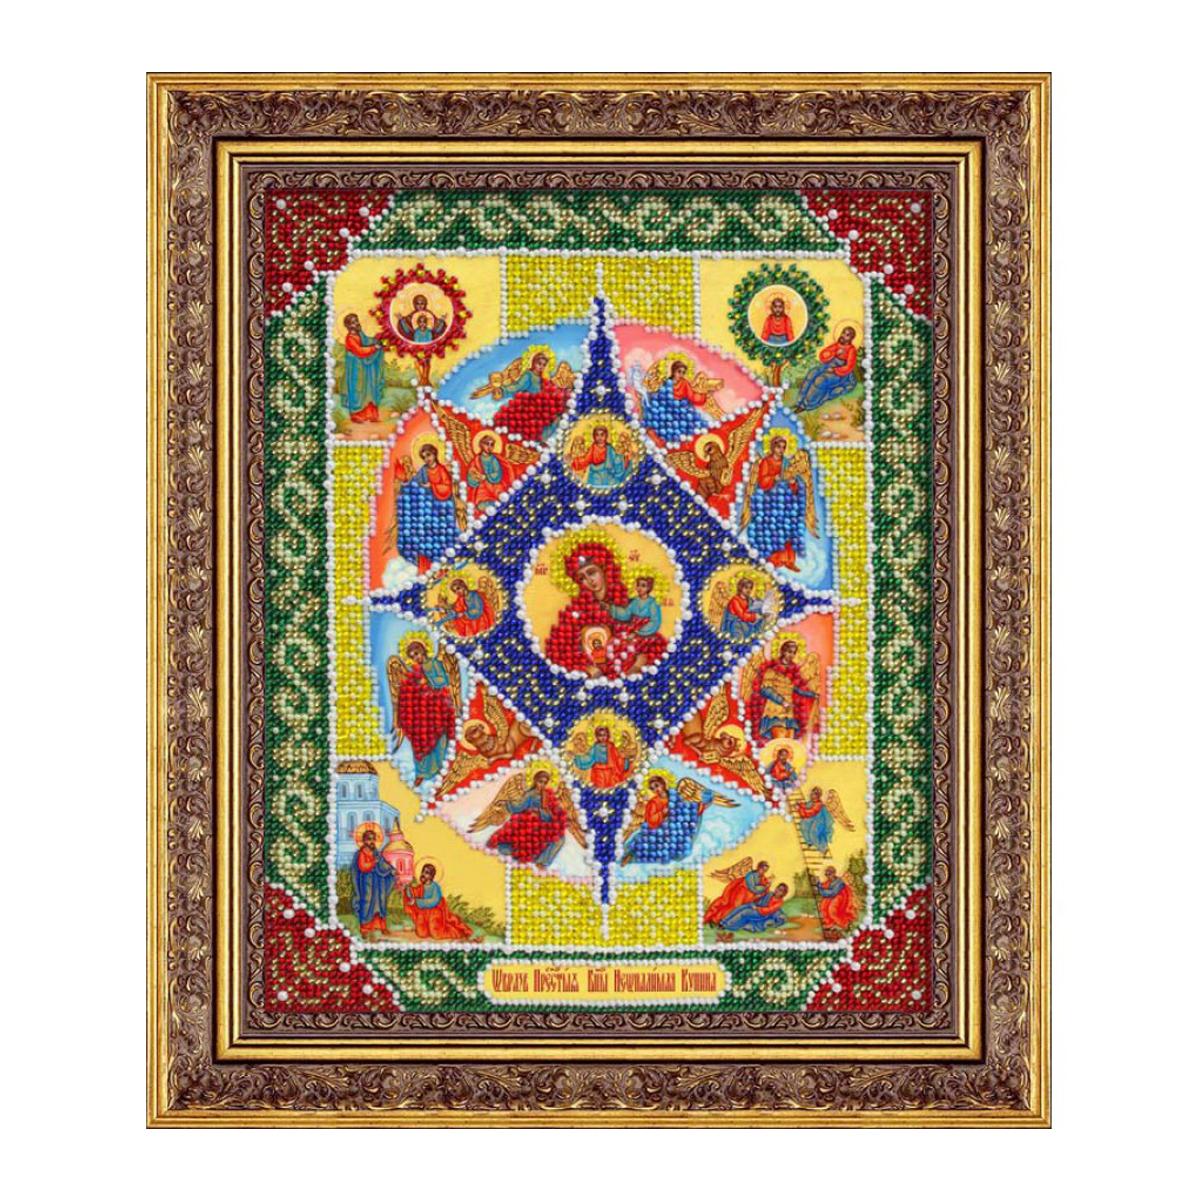 Набор для вышивания бисером Паутинка Пресв.Богородица Неопалимая купина, 25 см х 20 см. Б1041547370Состав набора: бисер Чехия - 14 цветов, льняная ткань с нанесенным рисунком, бисерная игла, подробная инструкция.